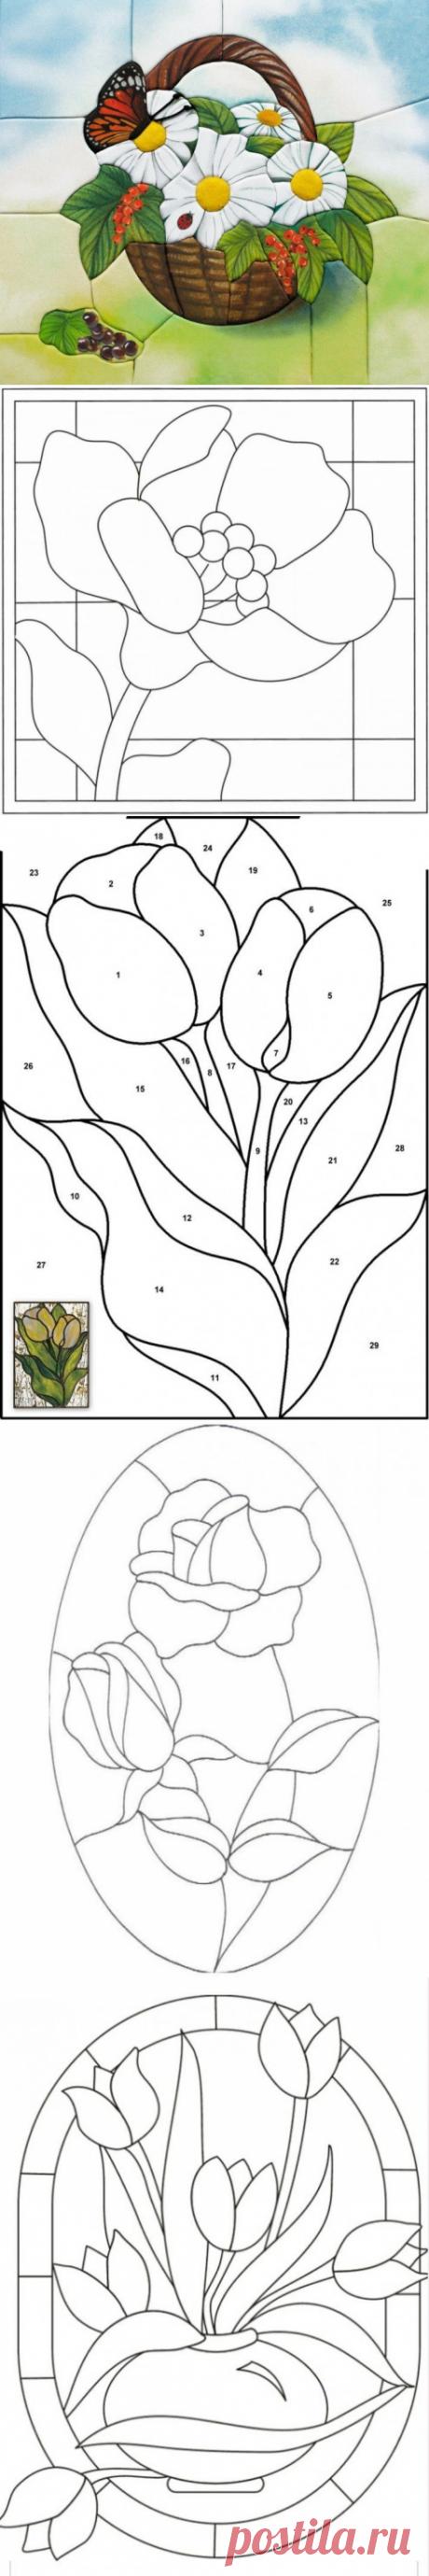 Шикарная подборка схем для панно в технике кинусайга: цветы